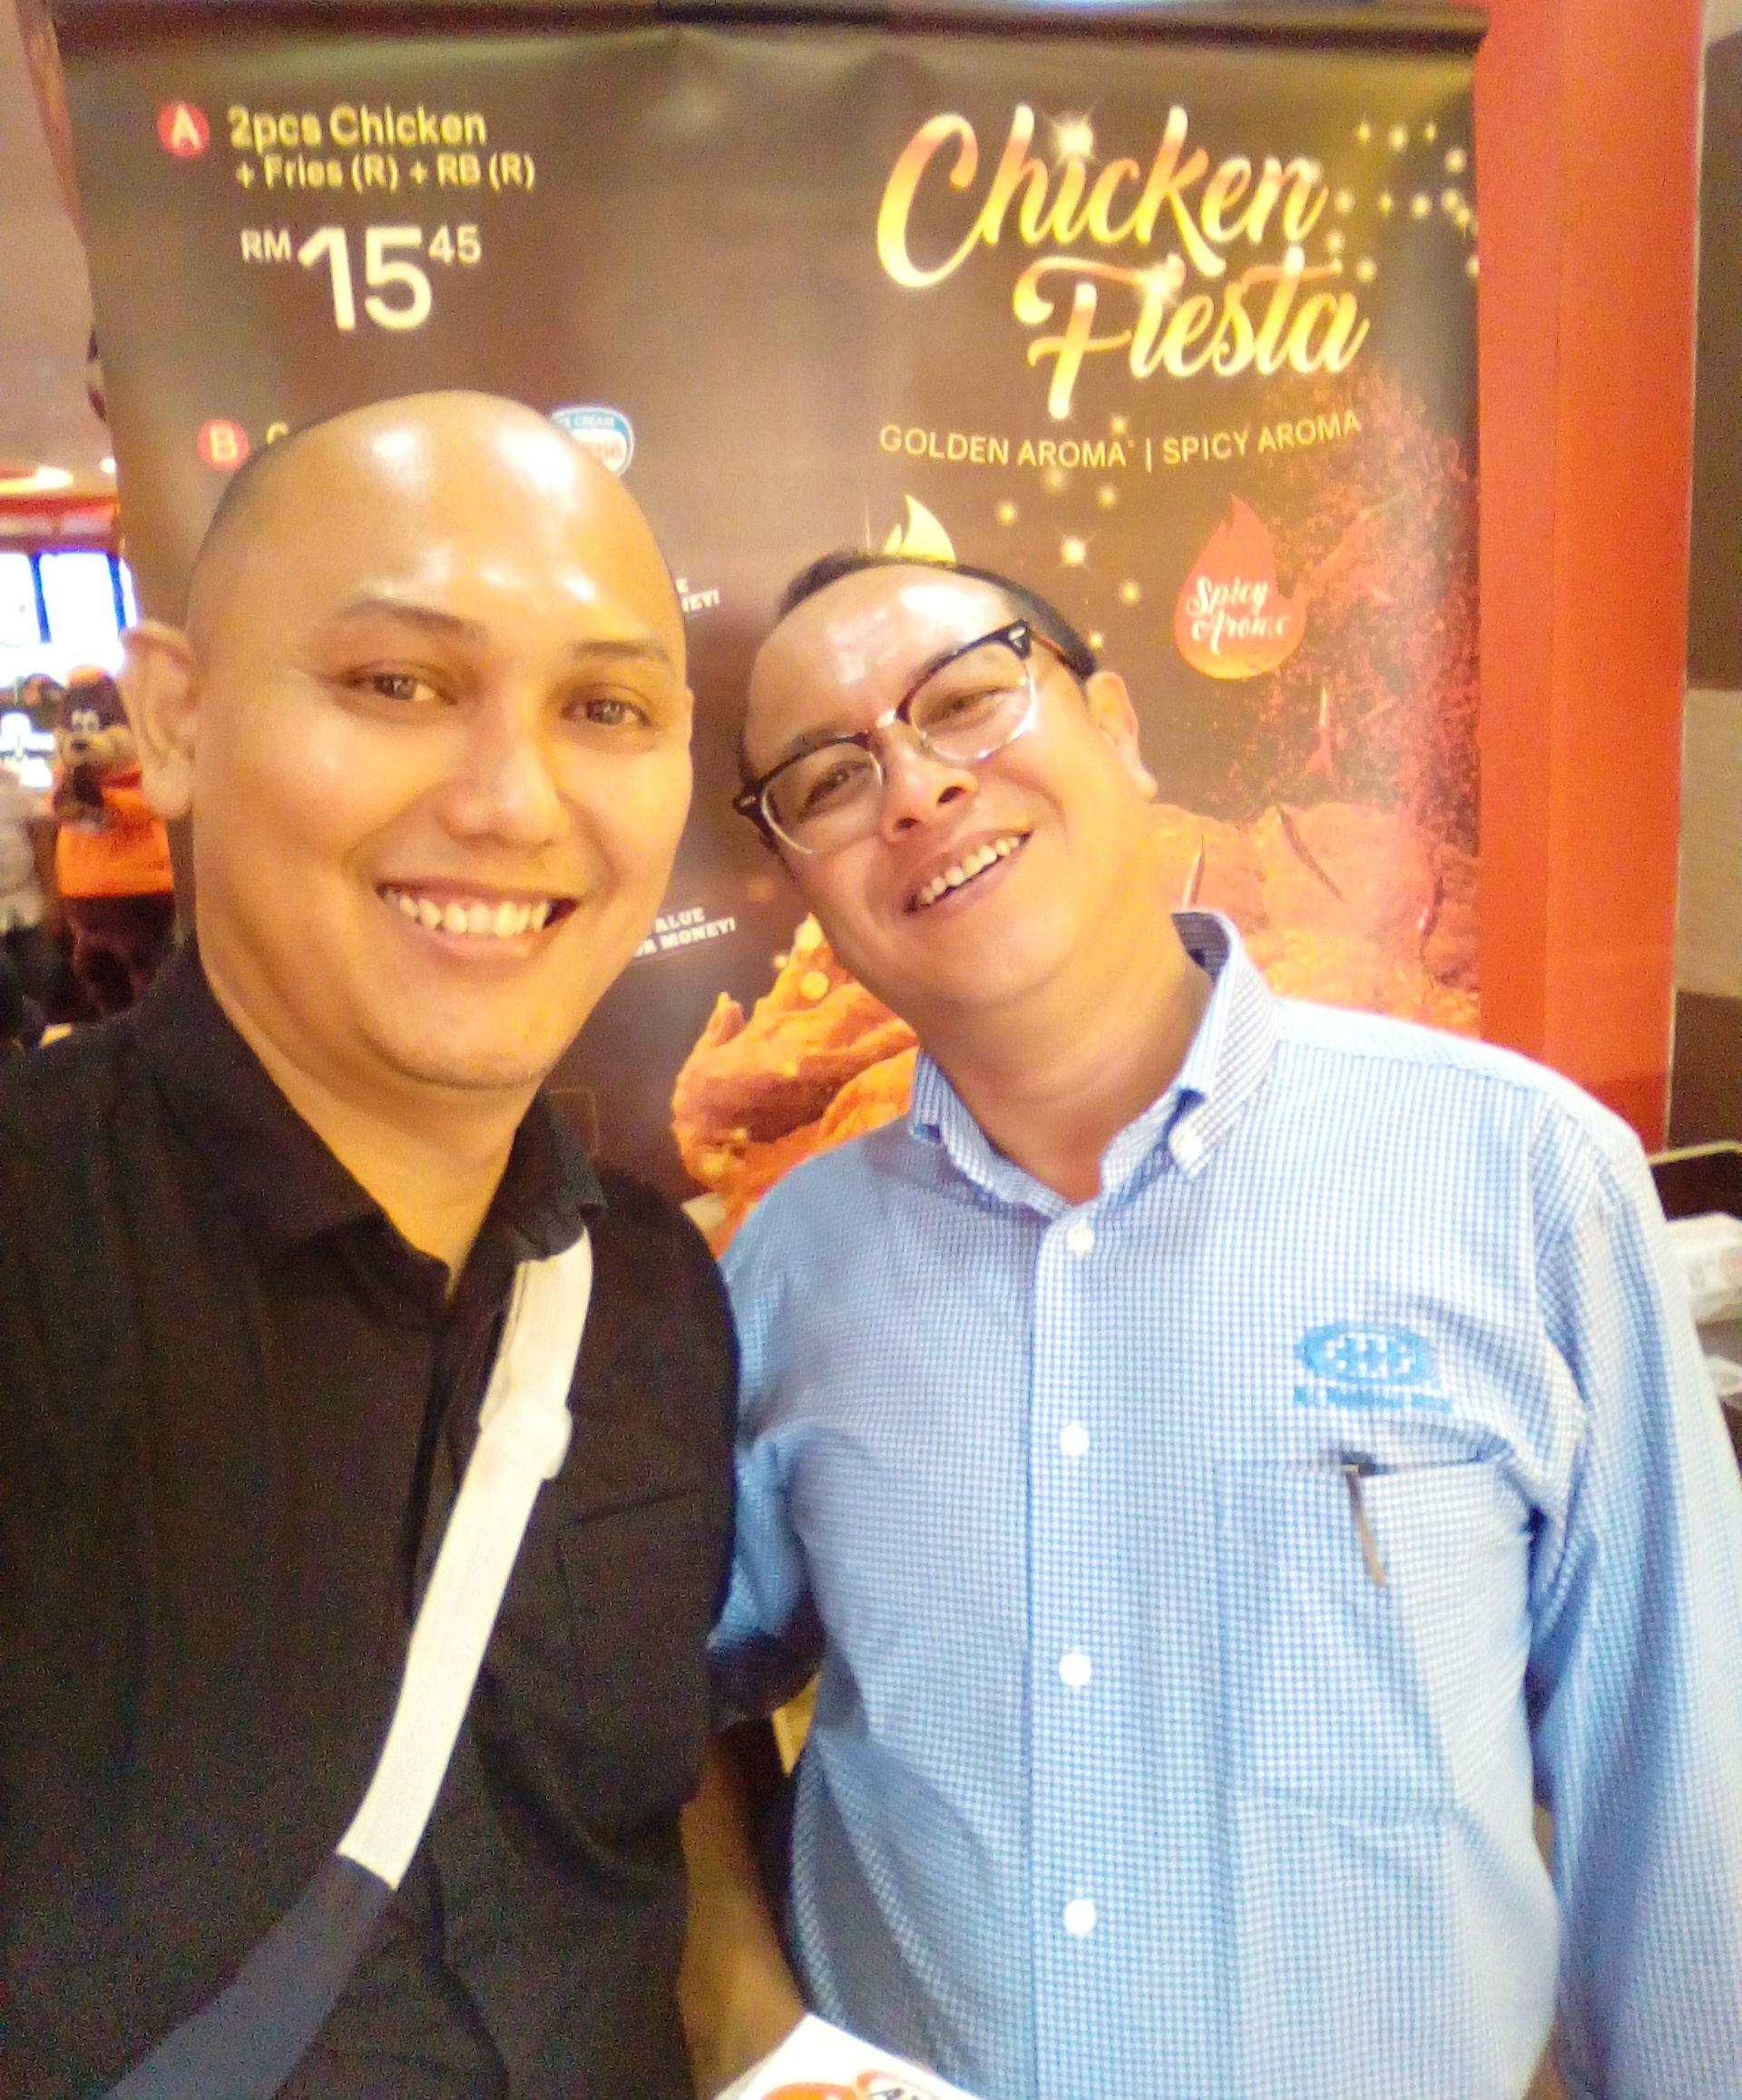 Bersama En. Samad, CEO A&W Malaysia